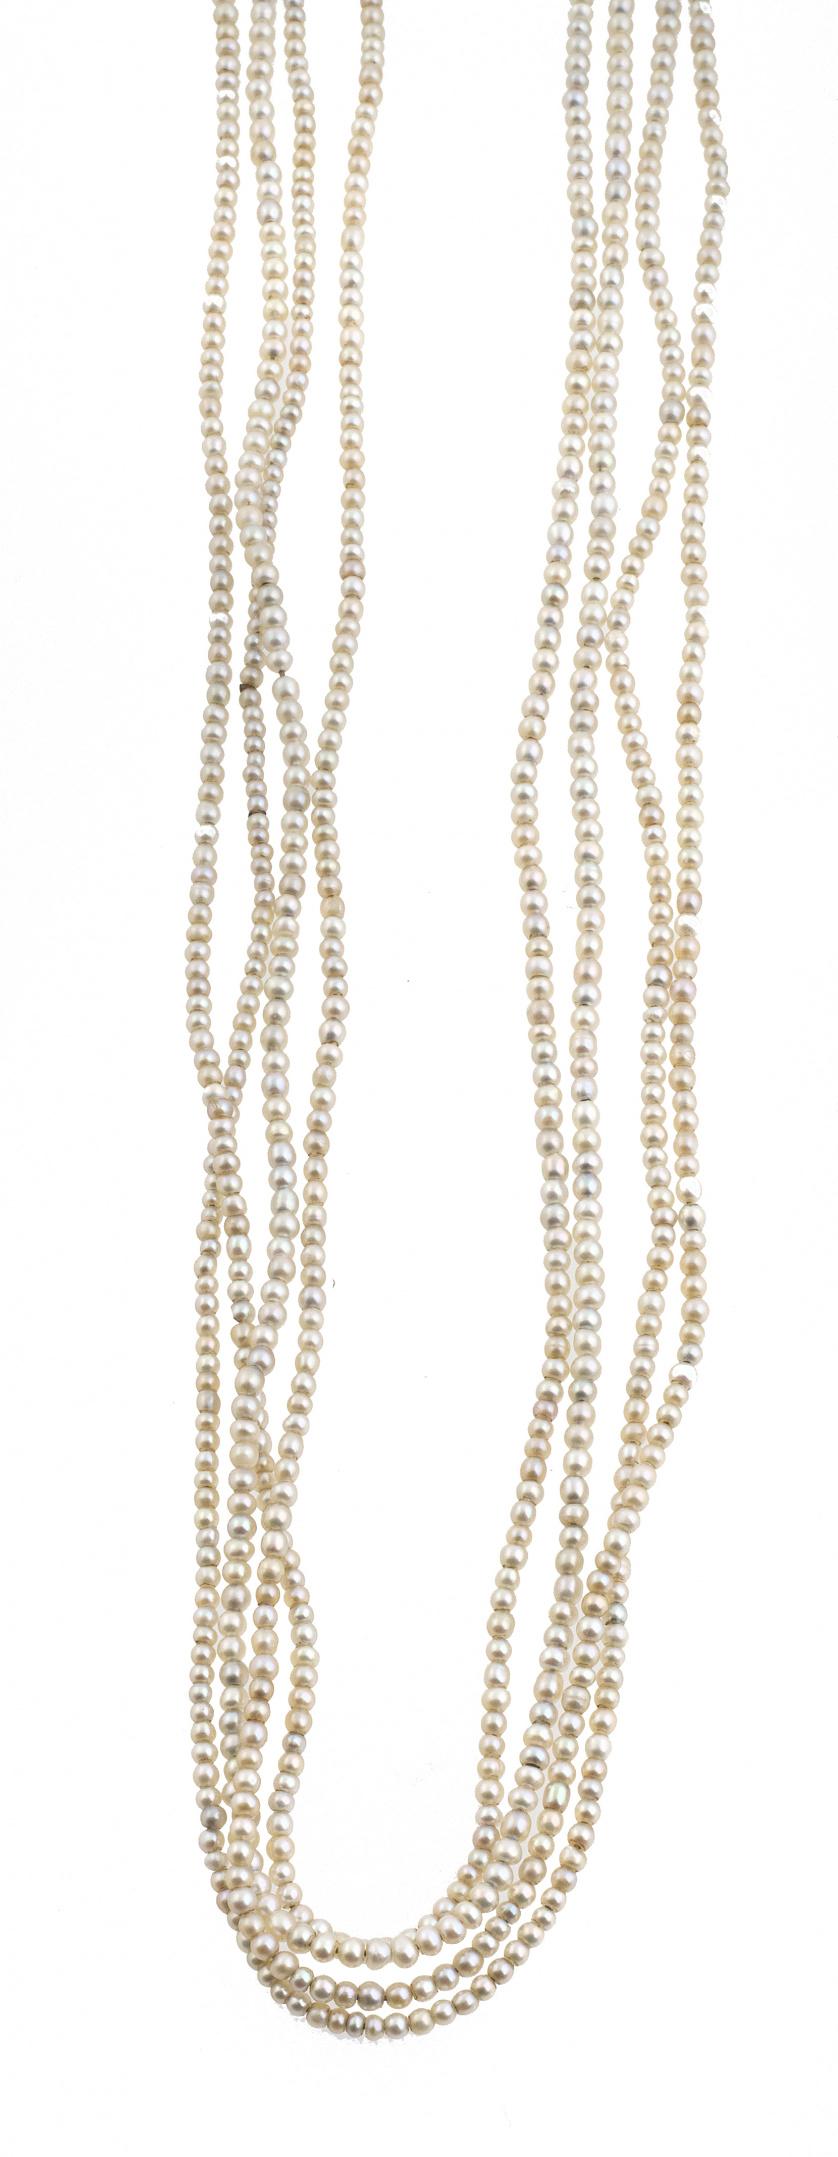 Conjunto años 30 de collar extralargo de pequeñas perlas, p